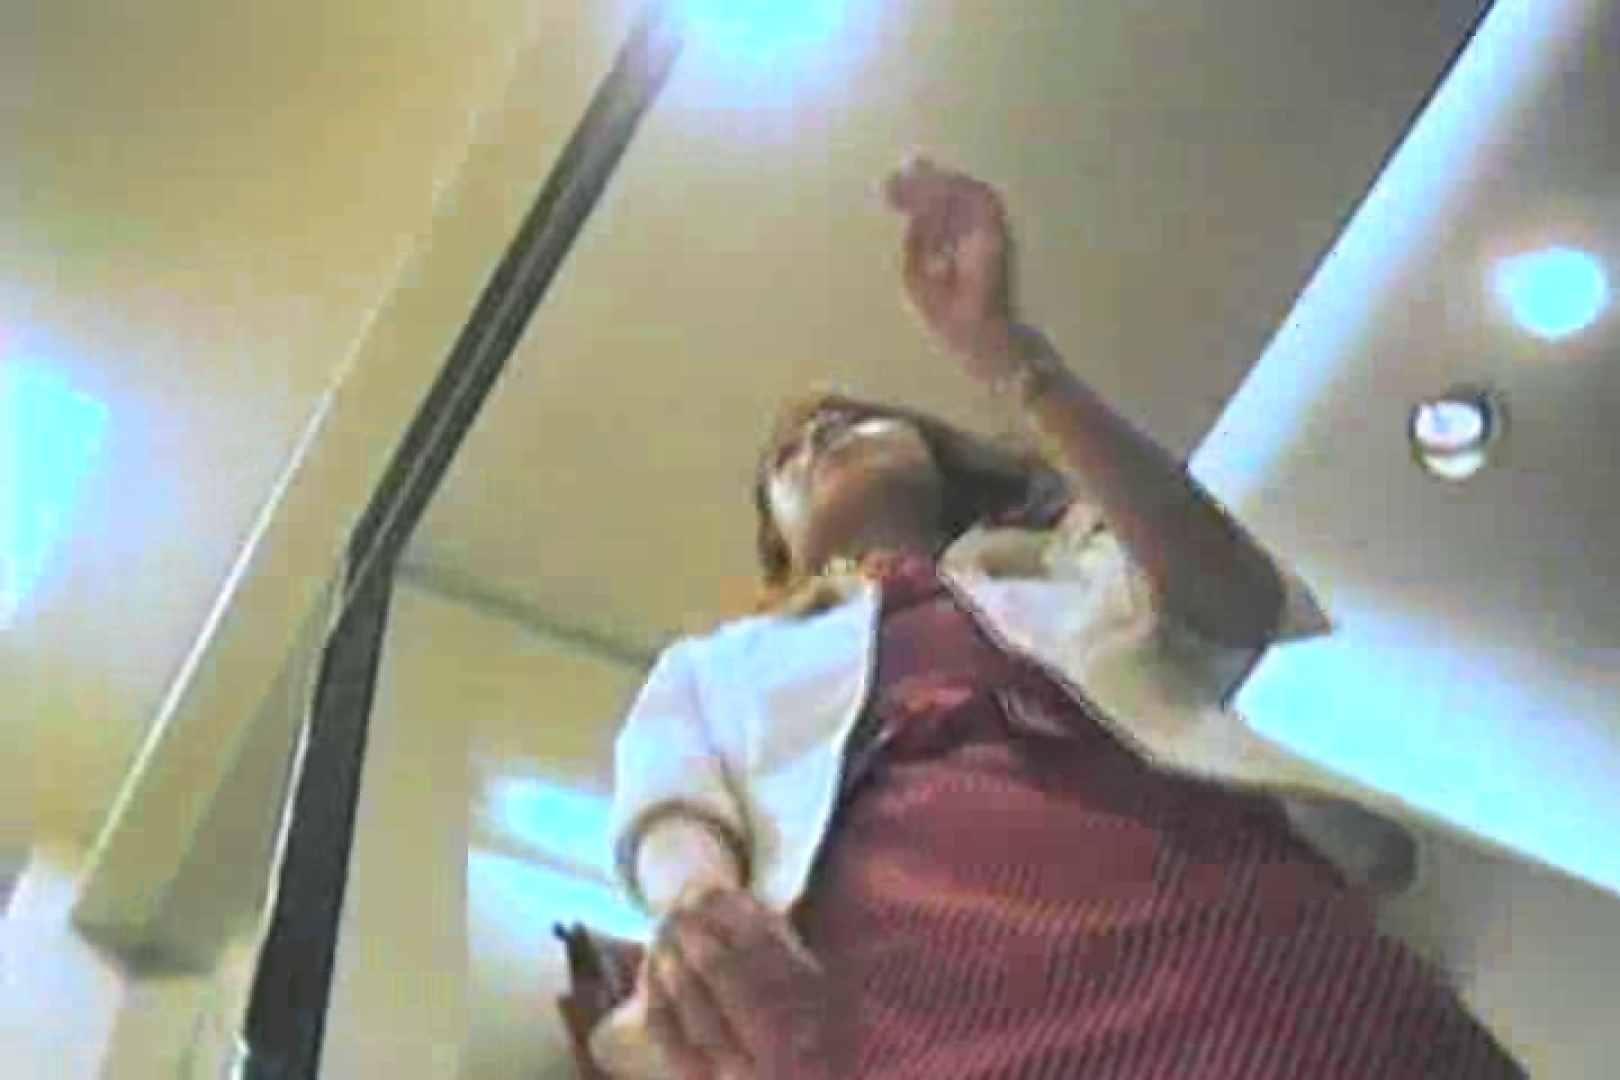 デパートローアングル徘徊 靴カメ盗撮Vol.2 フリーハンド | 盗撮  73pic 33